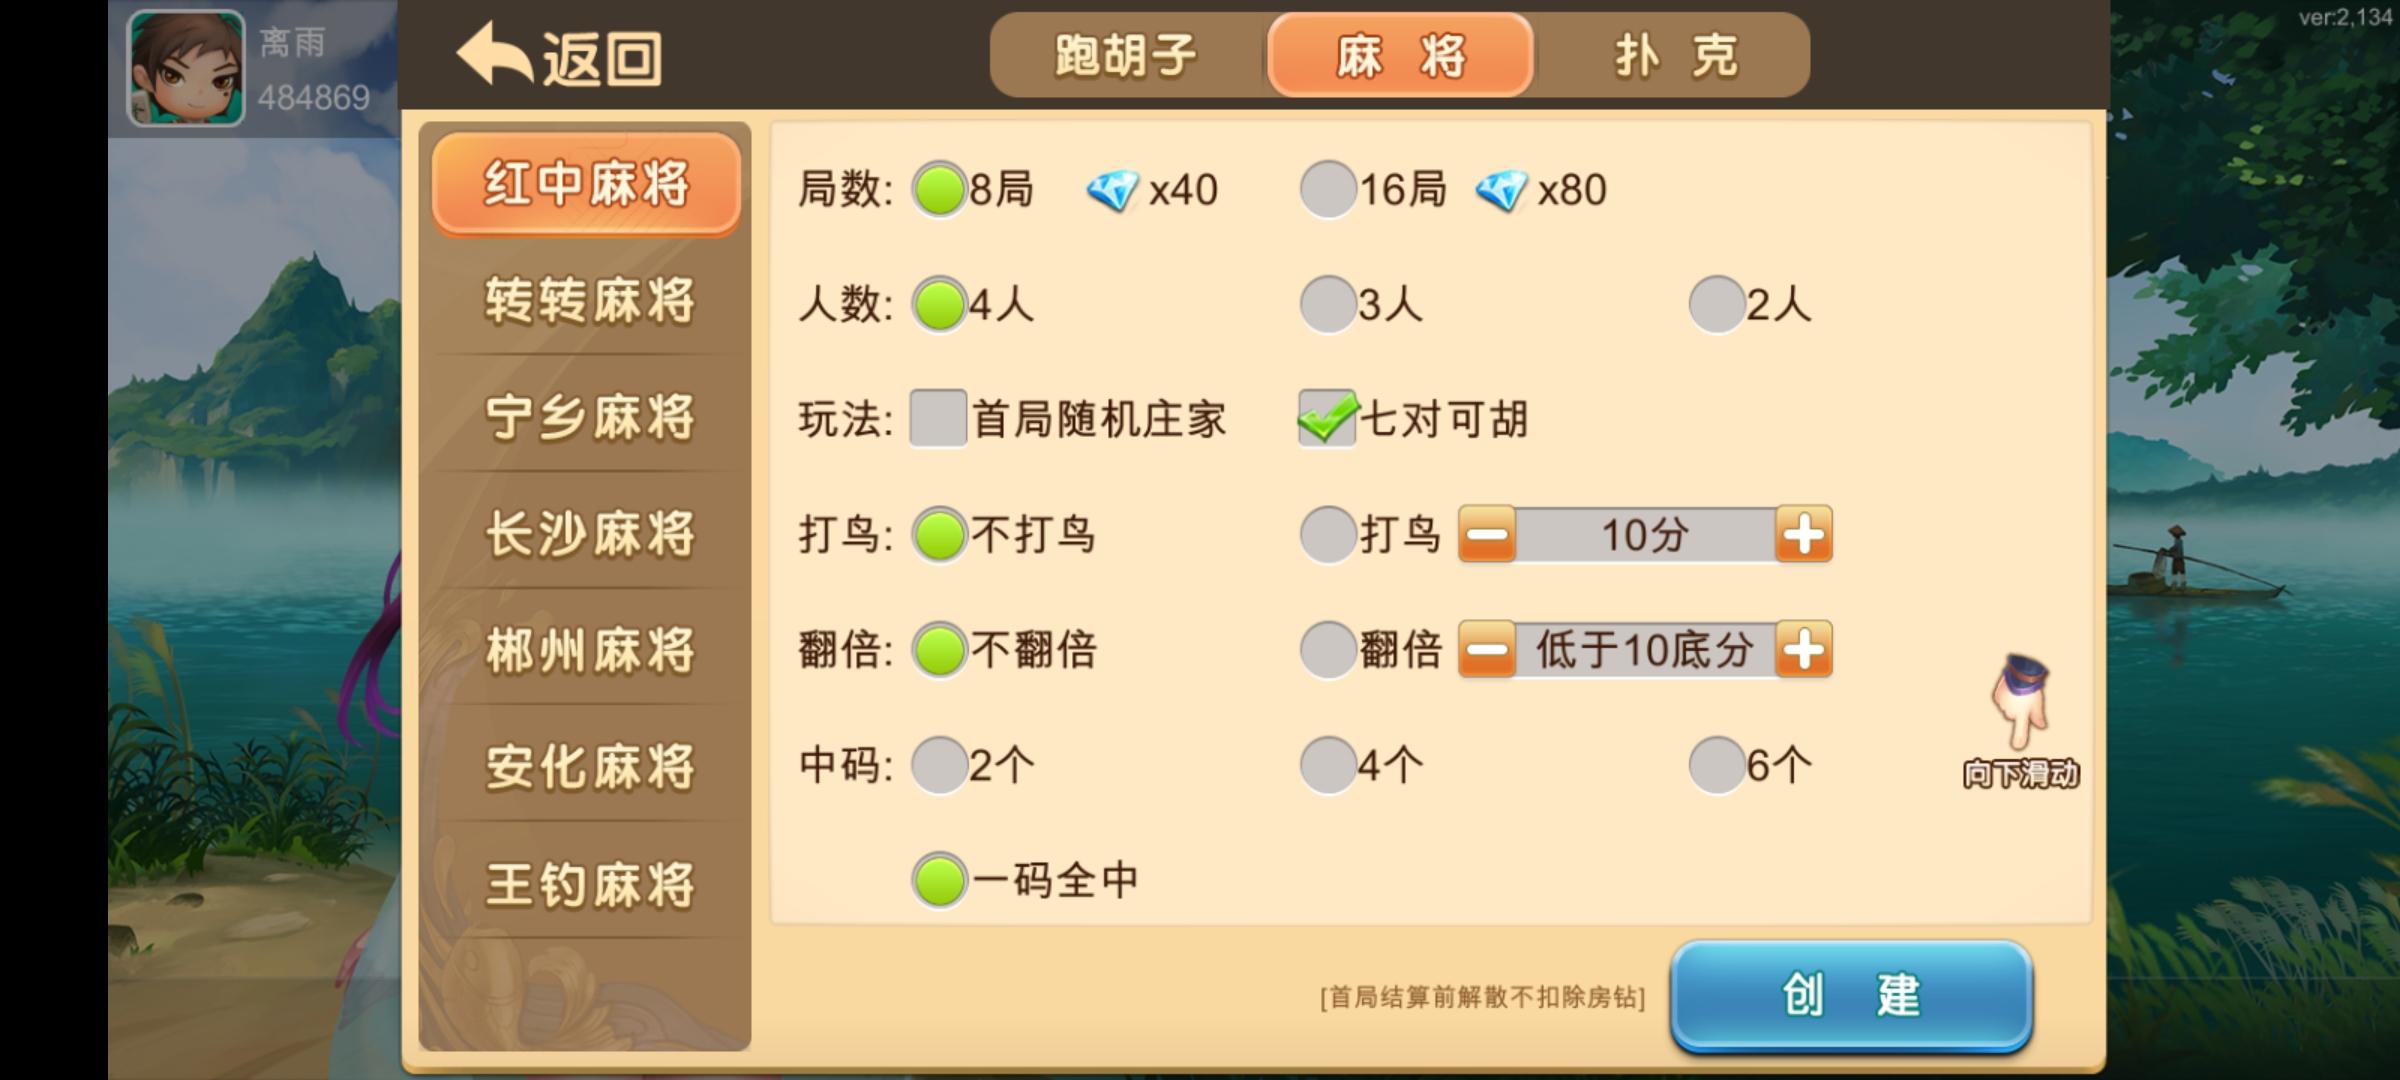 闲玩湖南玩法插图(3)